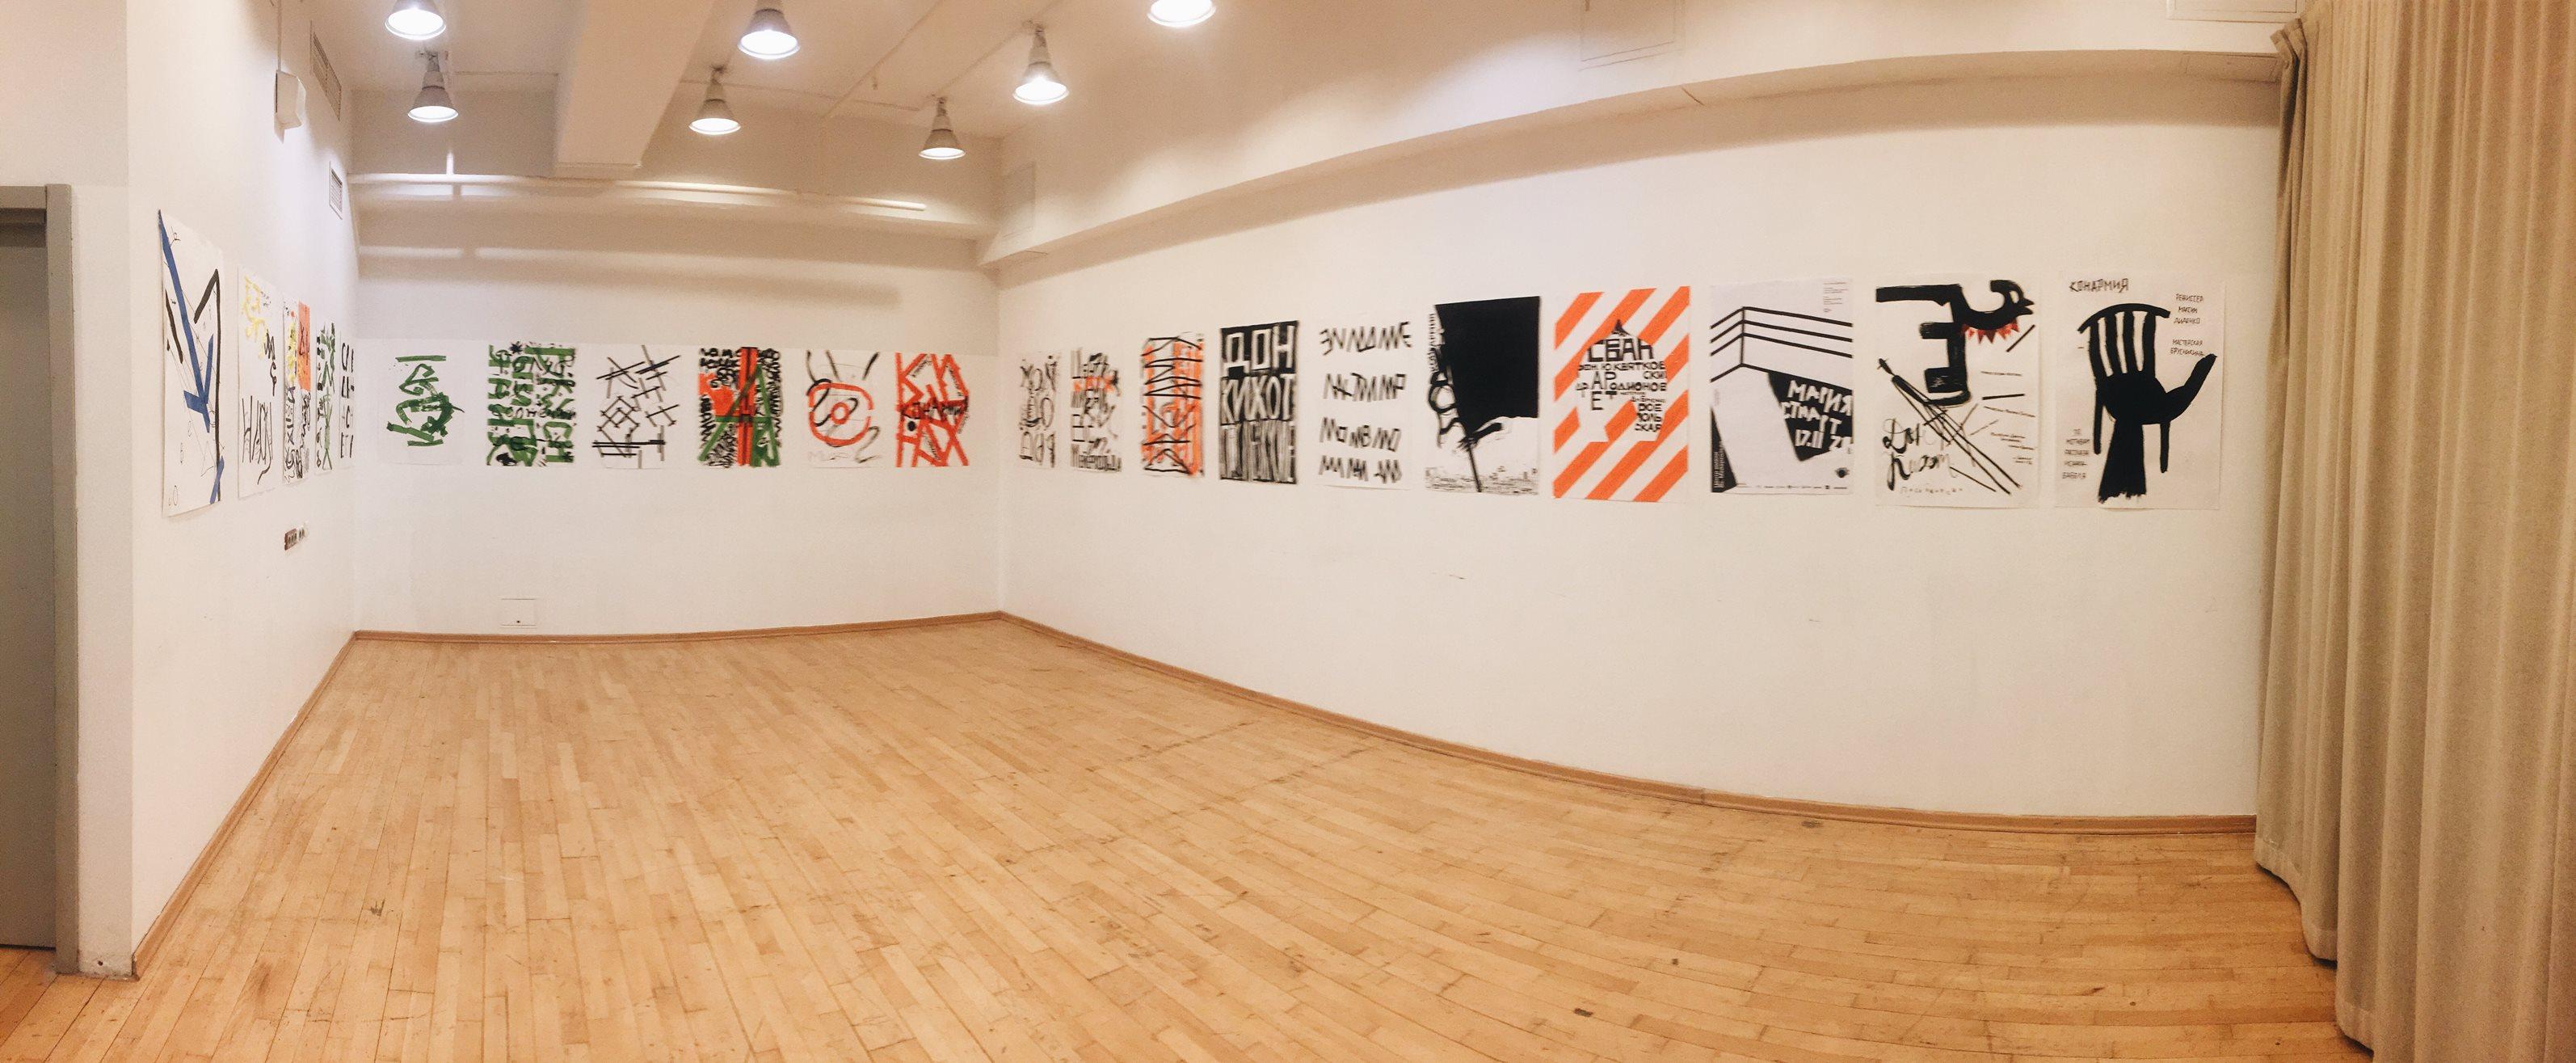 Выставка участников Кружка плаката в Центре имени Вс.Мейерхольда